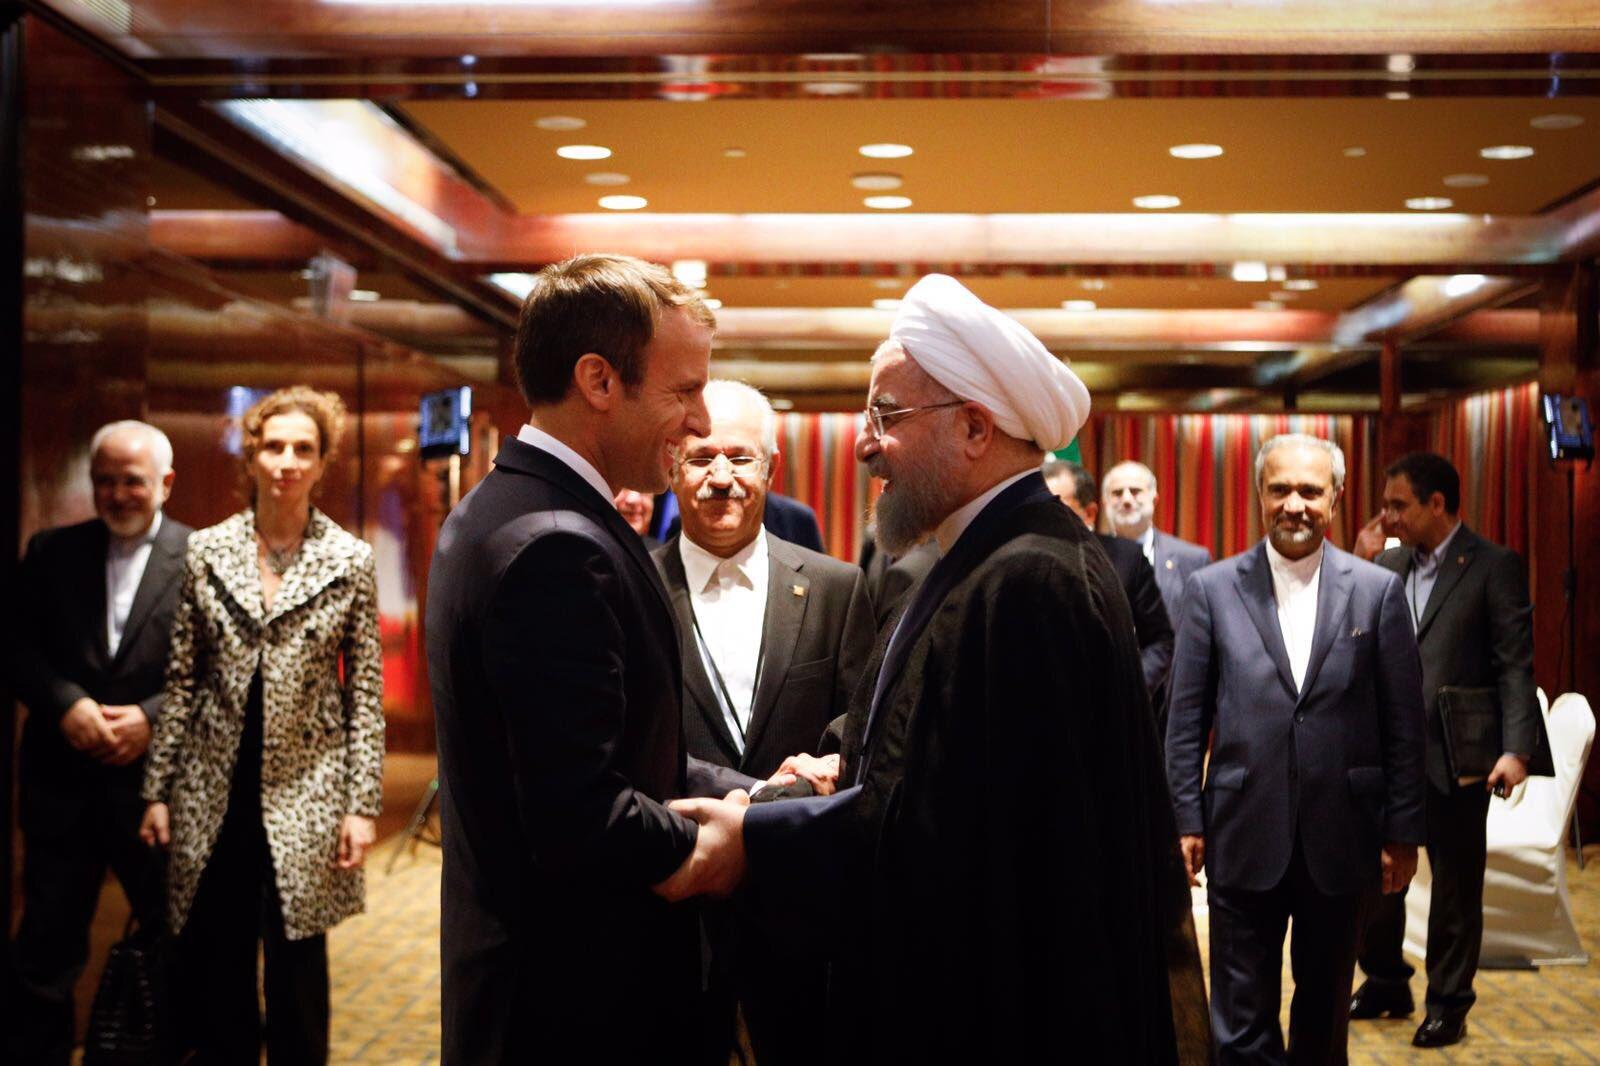 Échange substantiel et exigeant avec le Président iranien @HassanRouhani. https://t.co/8COeMqxfpW